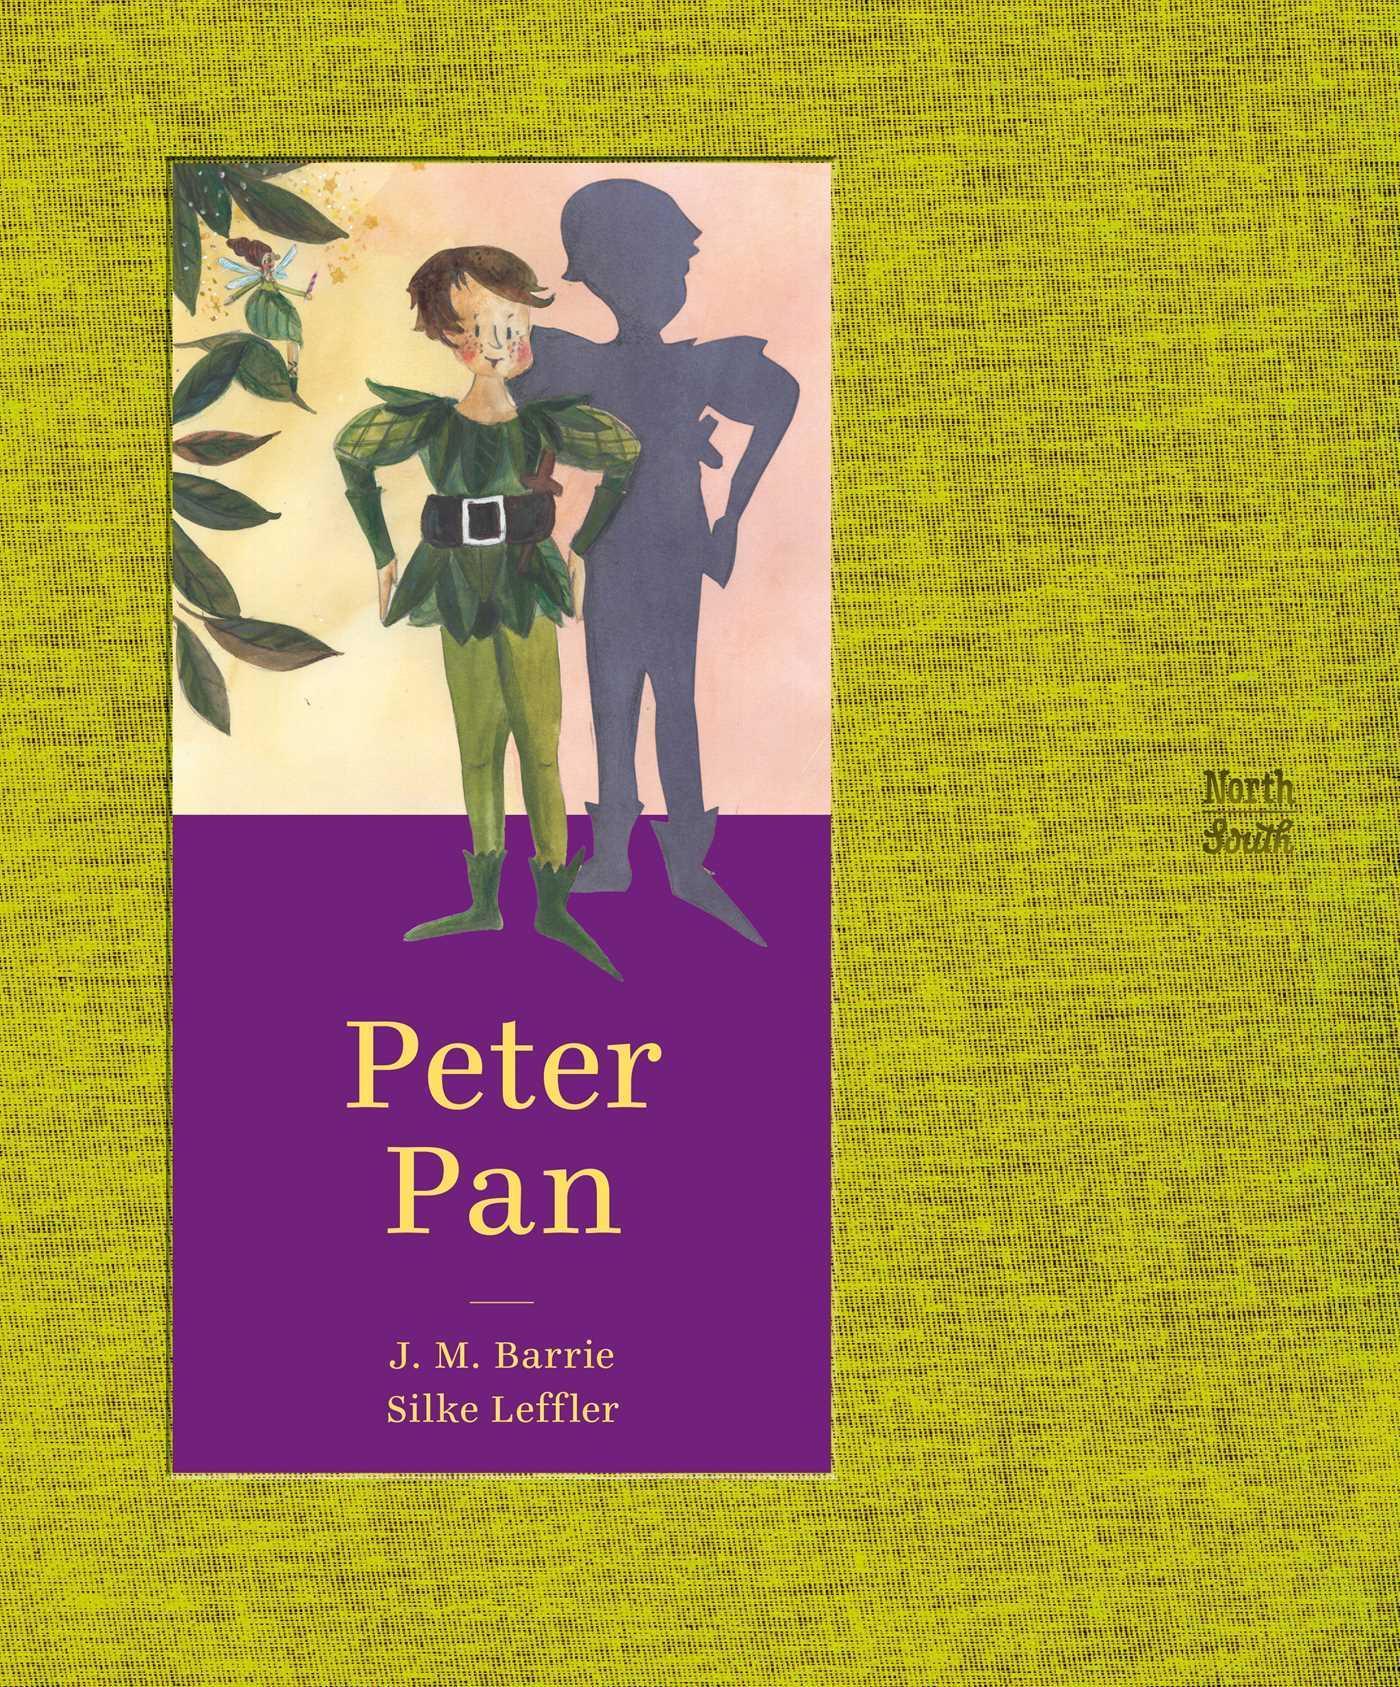 Peter-Pan-Sir-J-M-Barrie